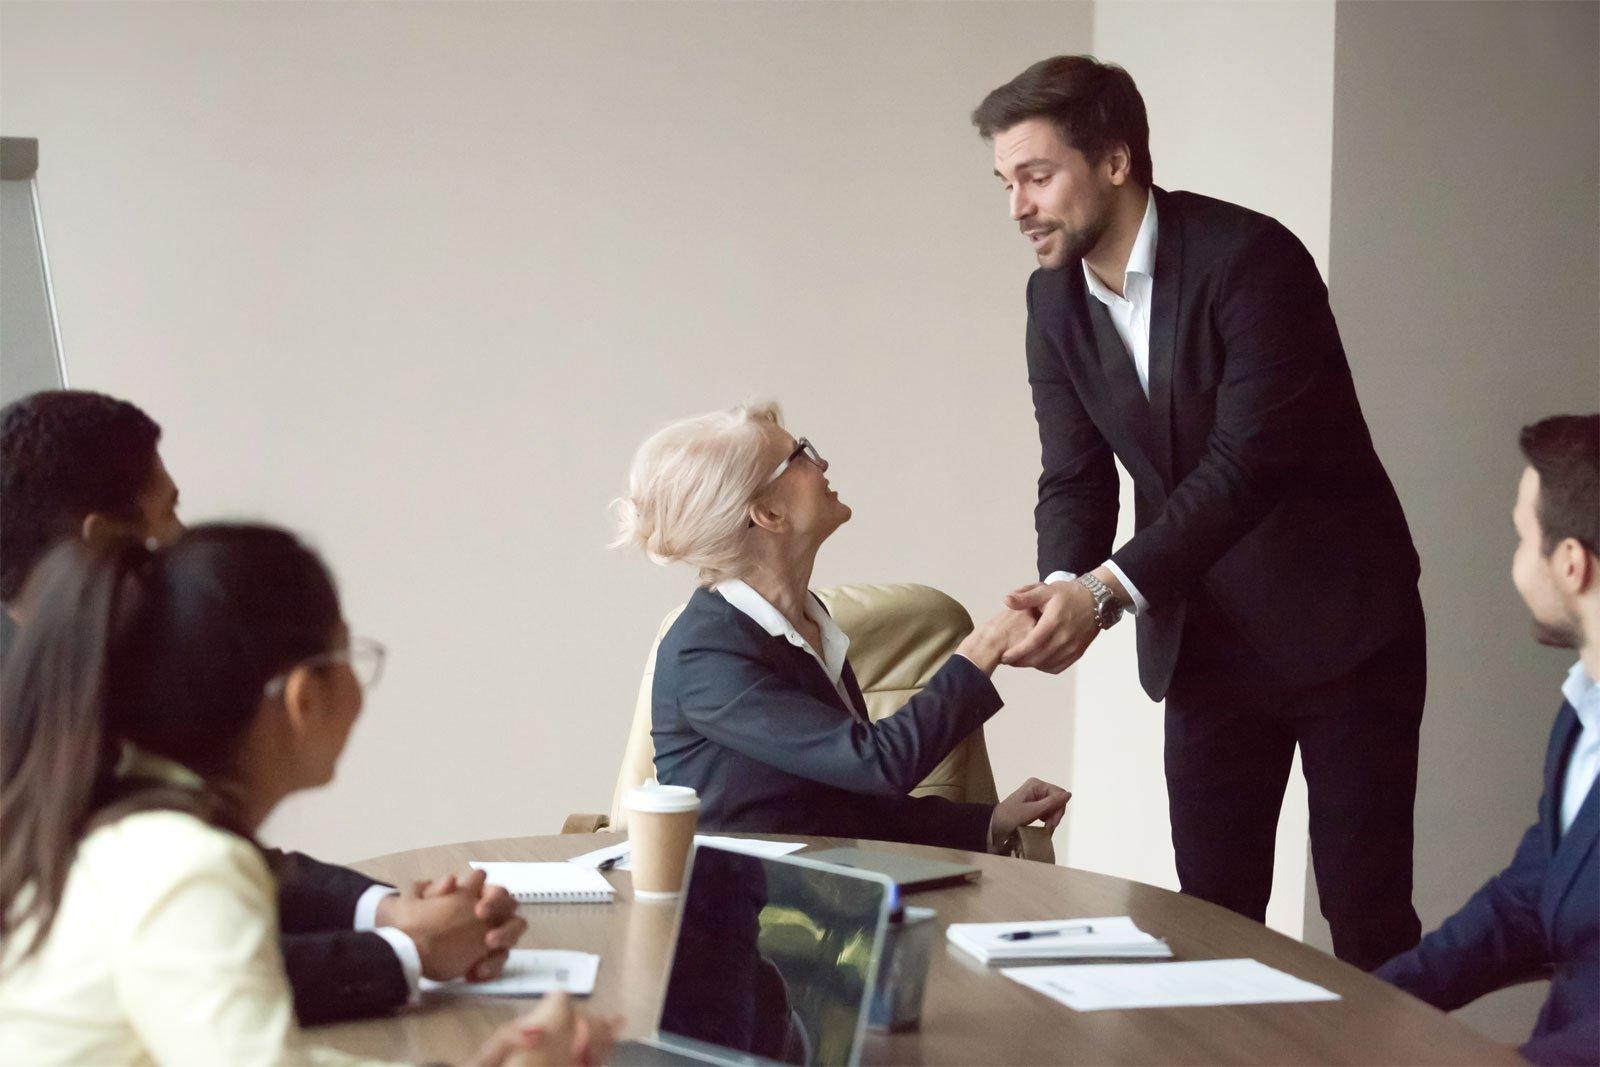 Bunele maniere în afaceri